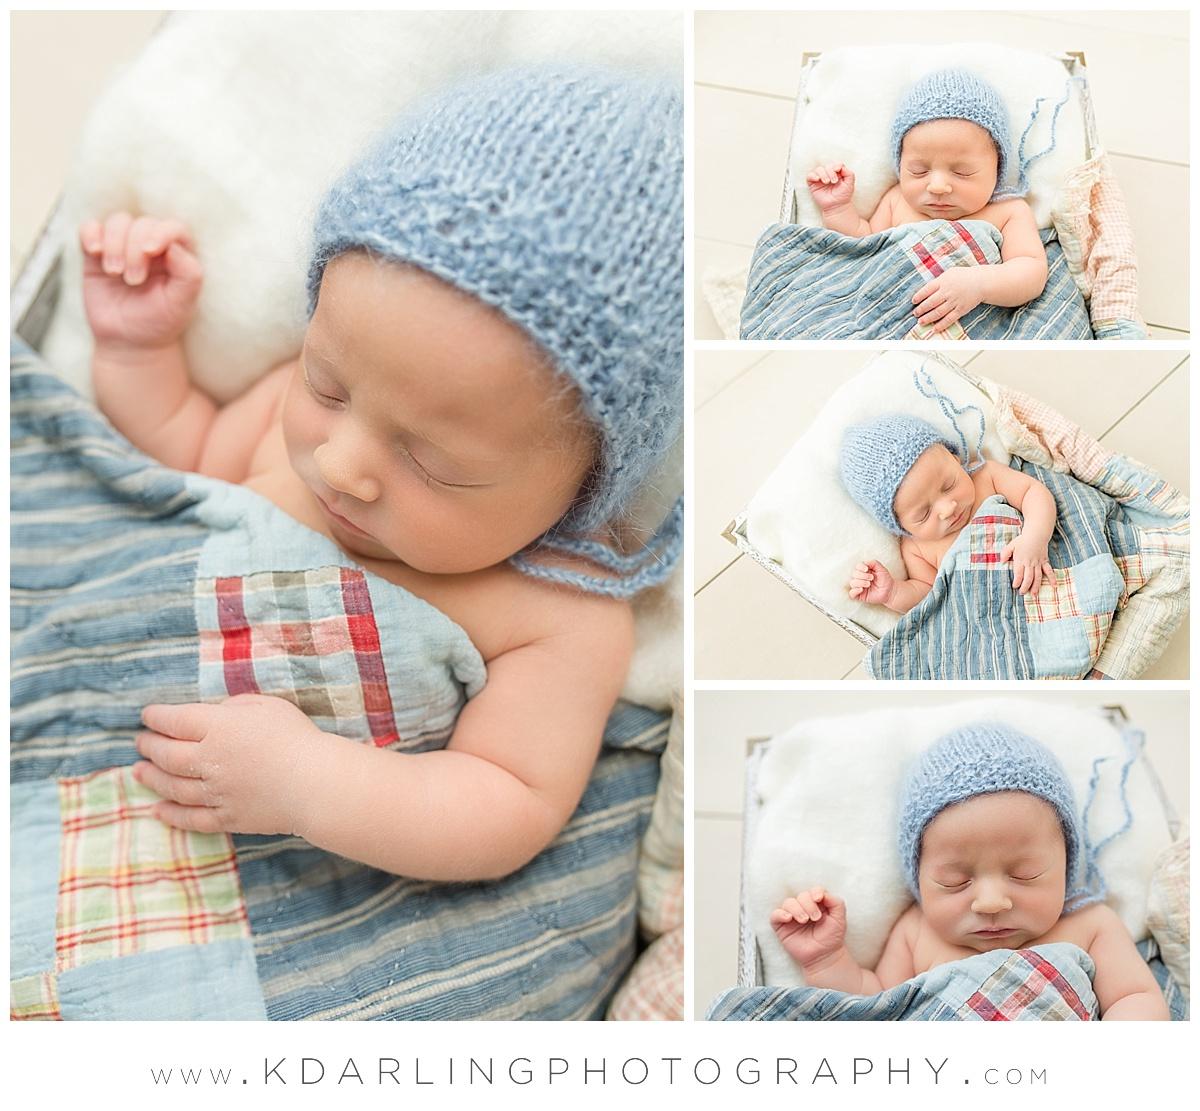 Newborn baby boy in blue bonnet with quilt